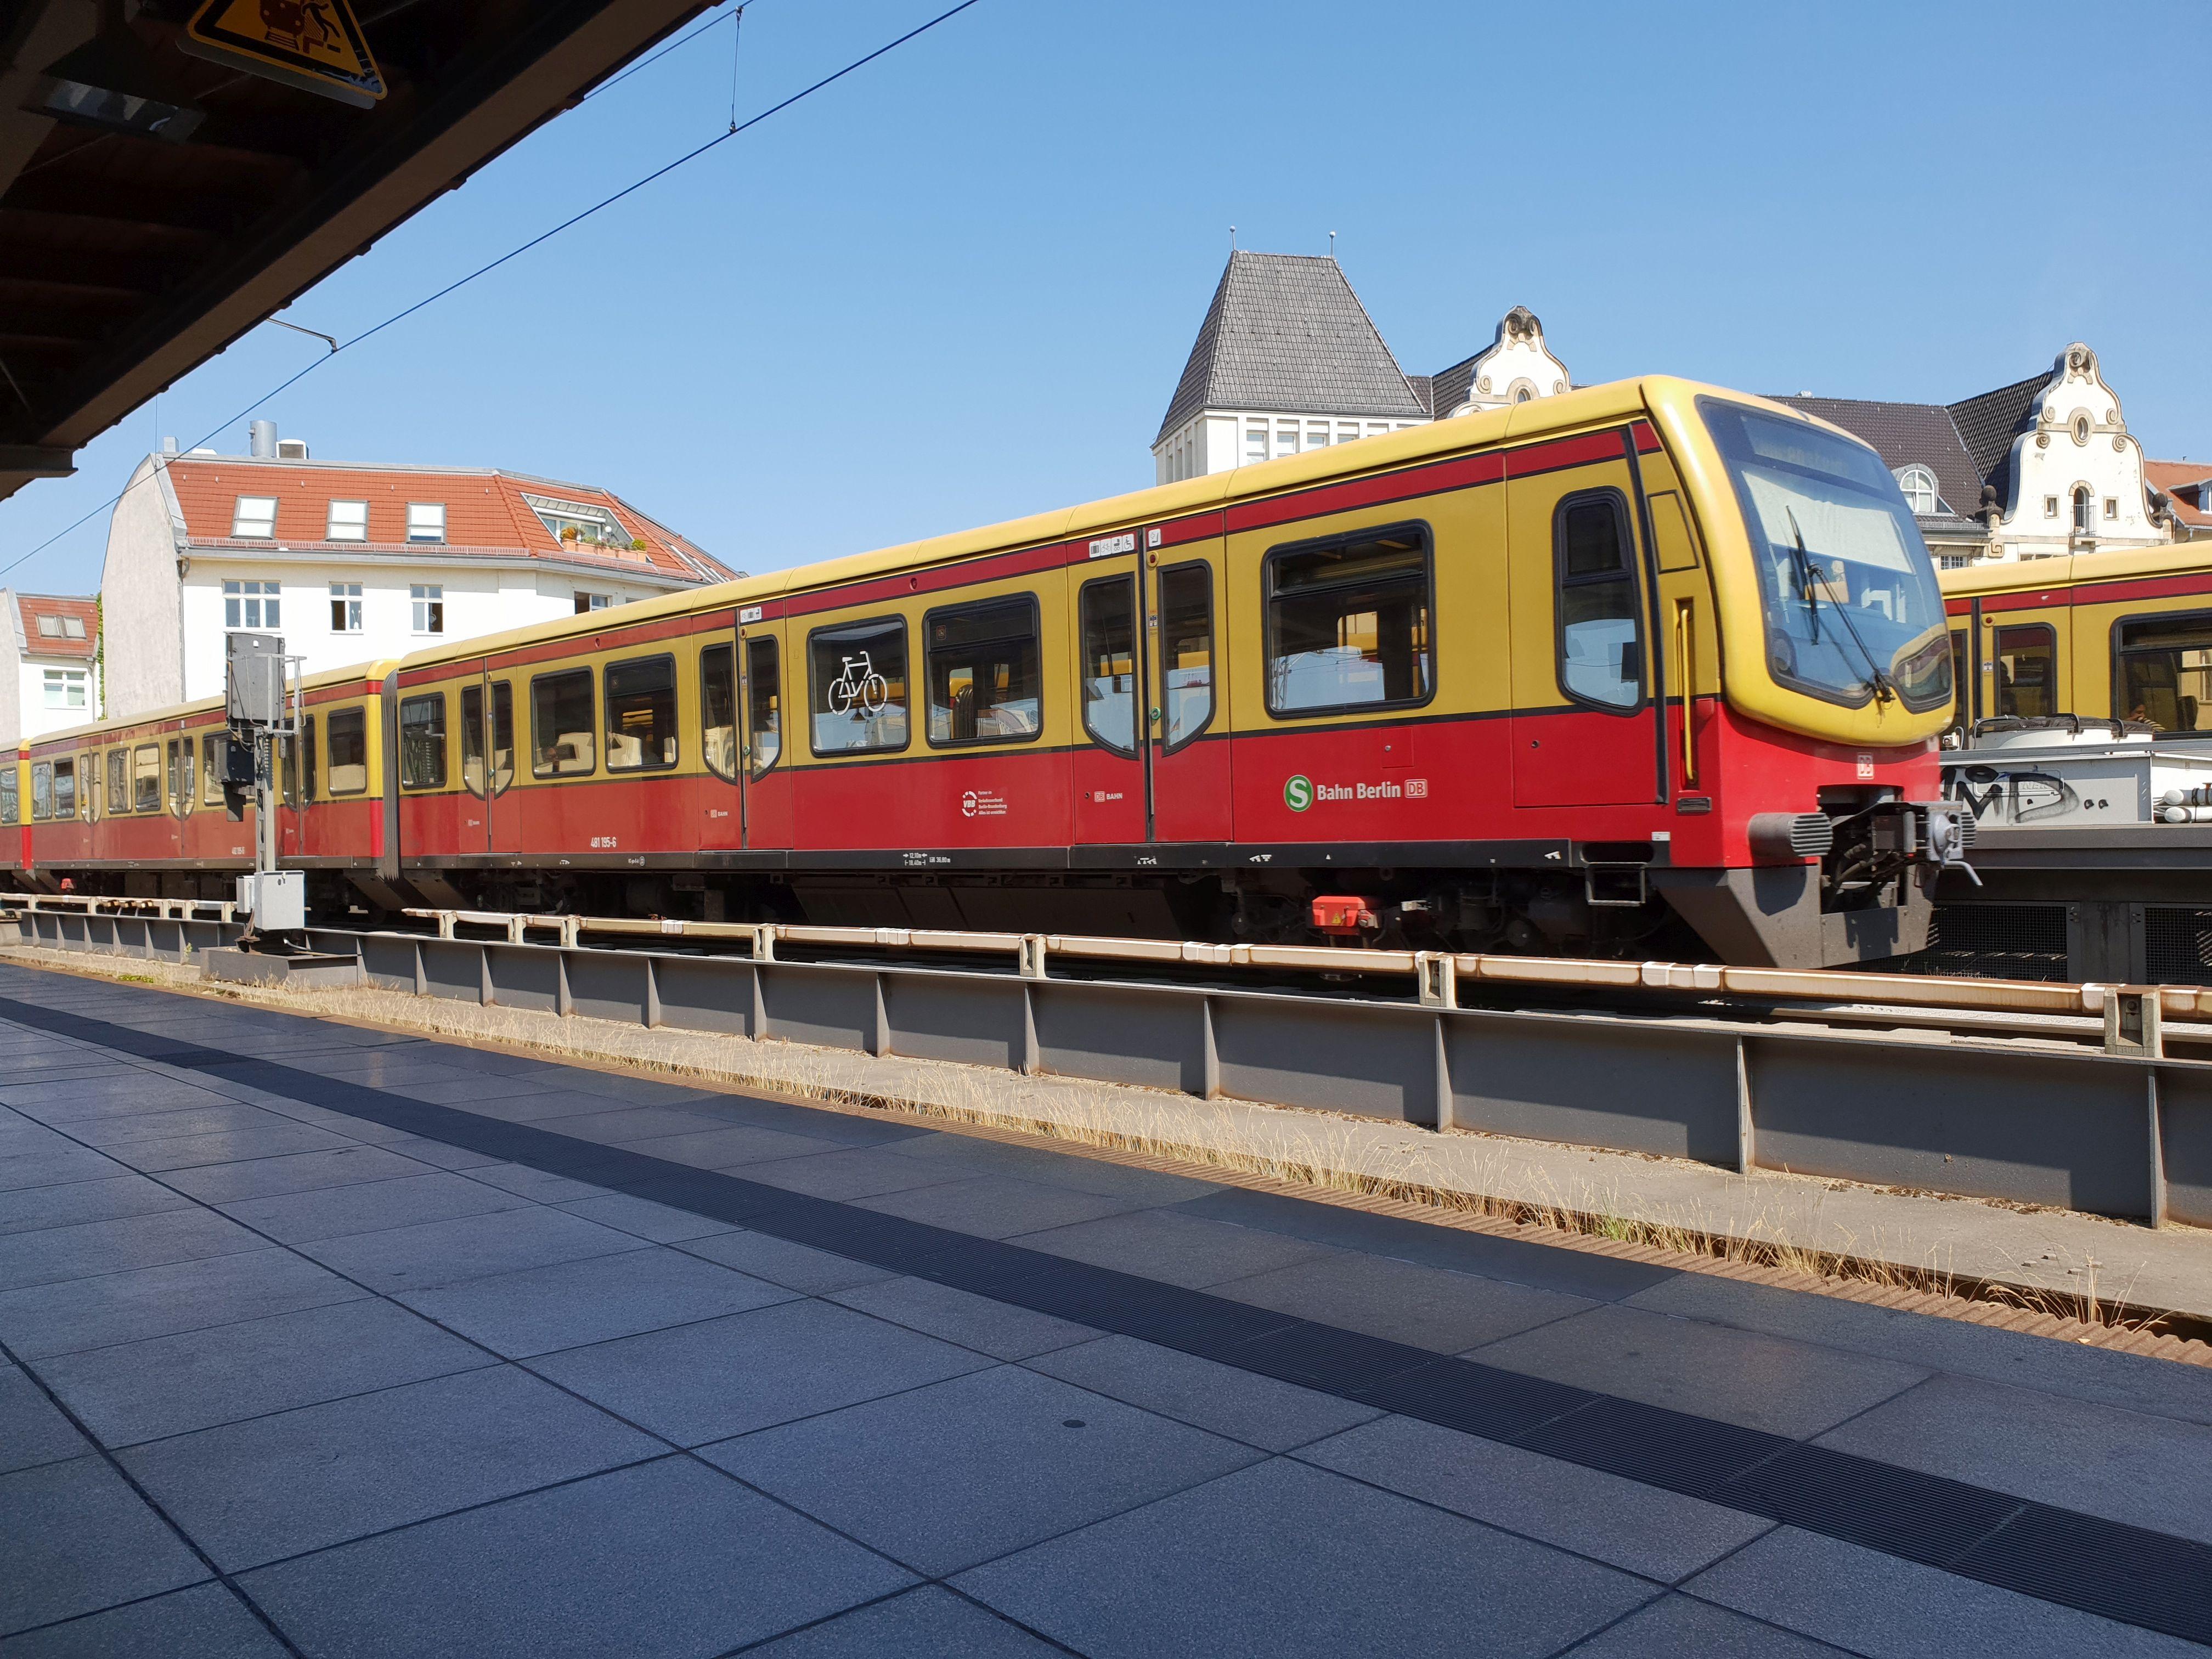 Foto:S-Bahn 481 195, Baureihe481/482, Friedrichstr., 2018